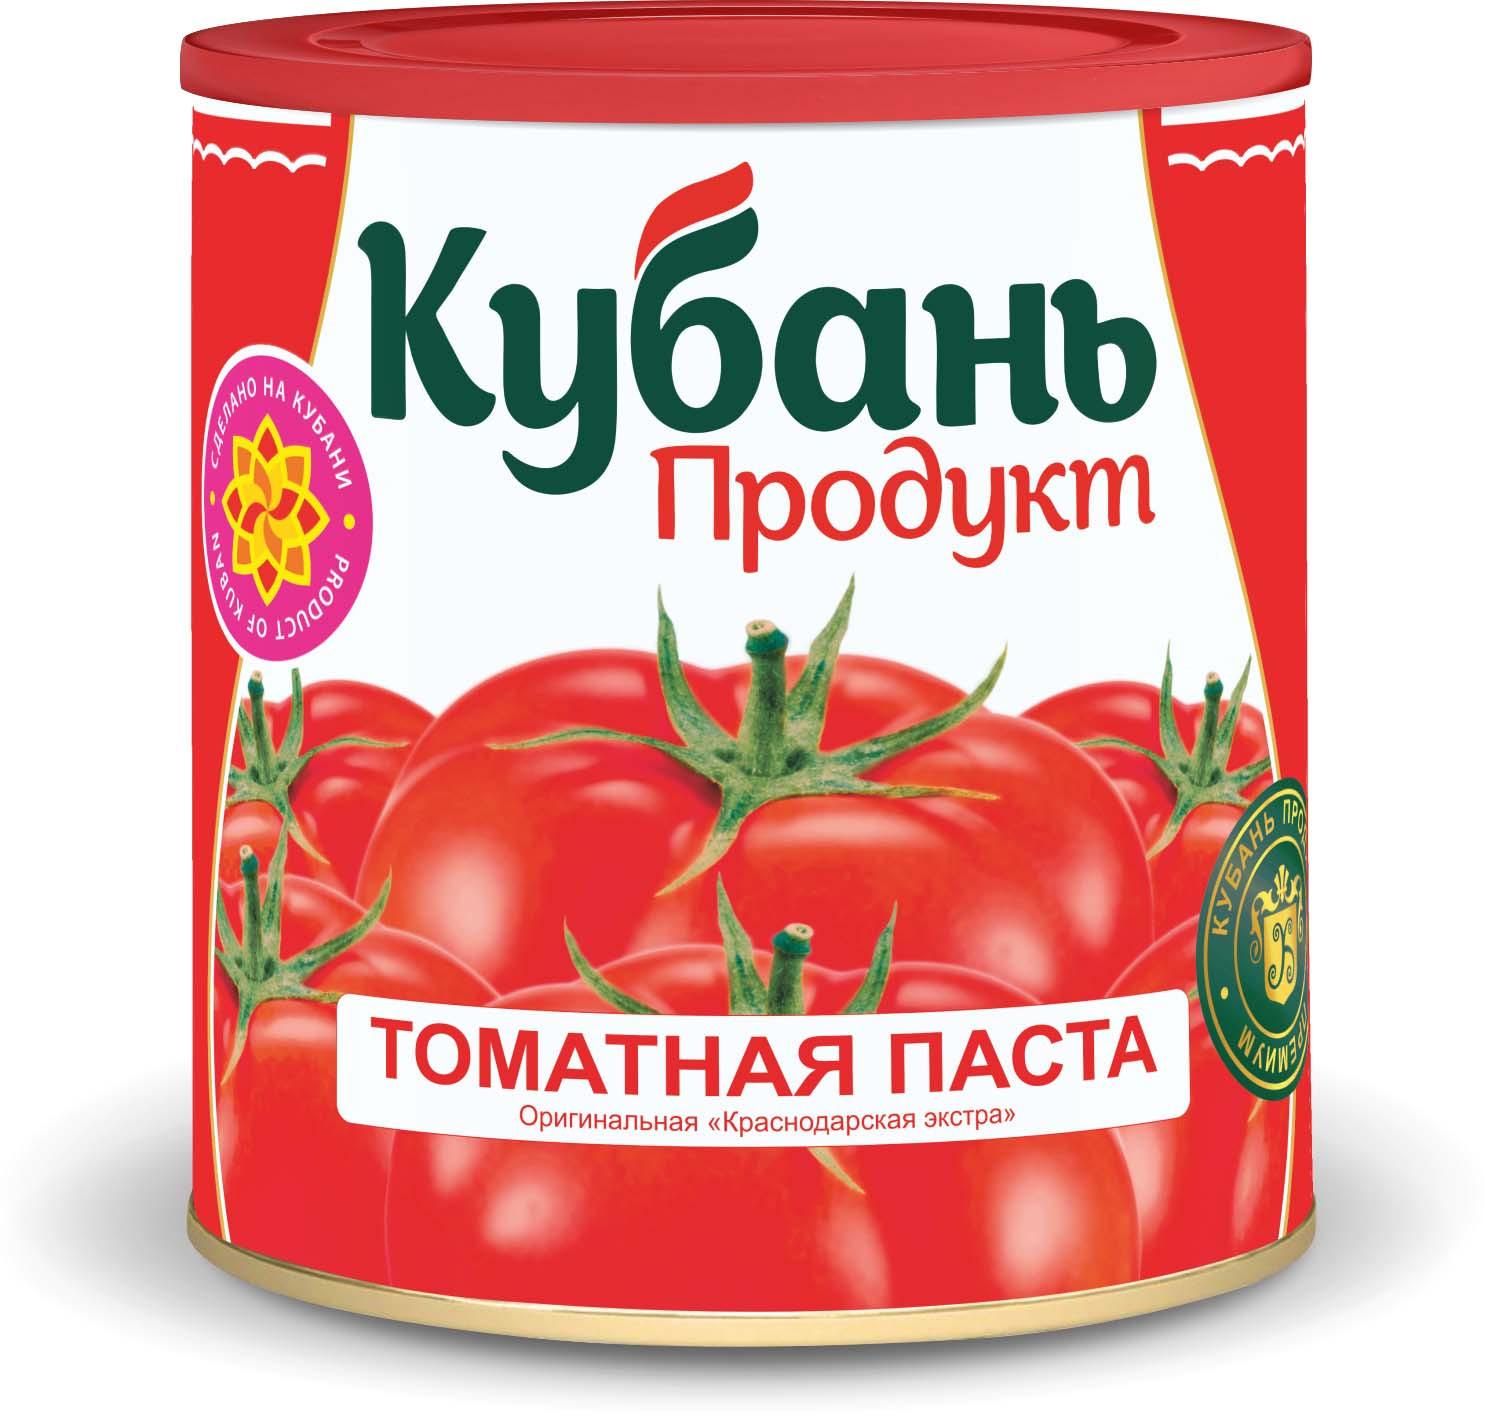 Кубань Продукт паста томатная, 770 г кубань продукт компот вишневый 1 л